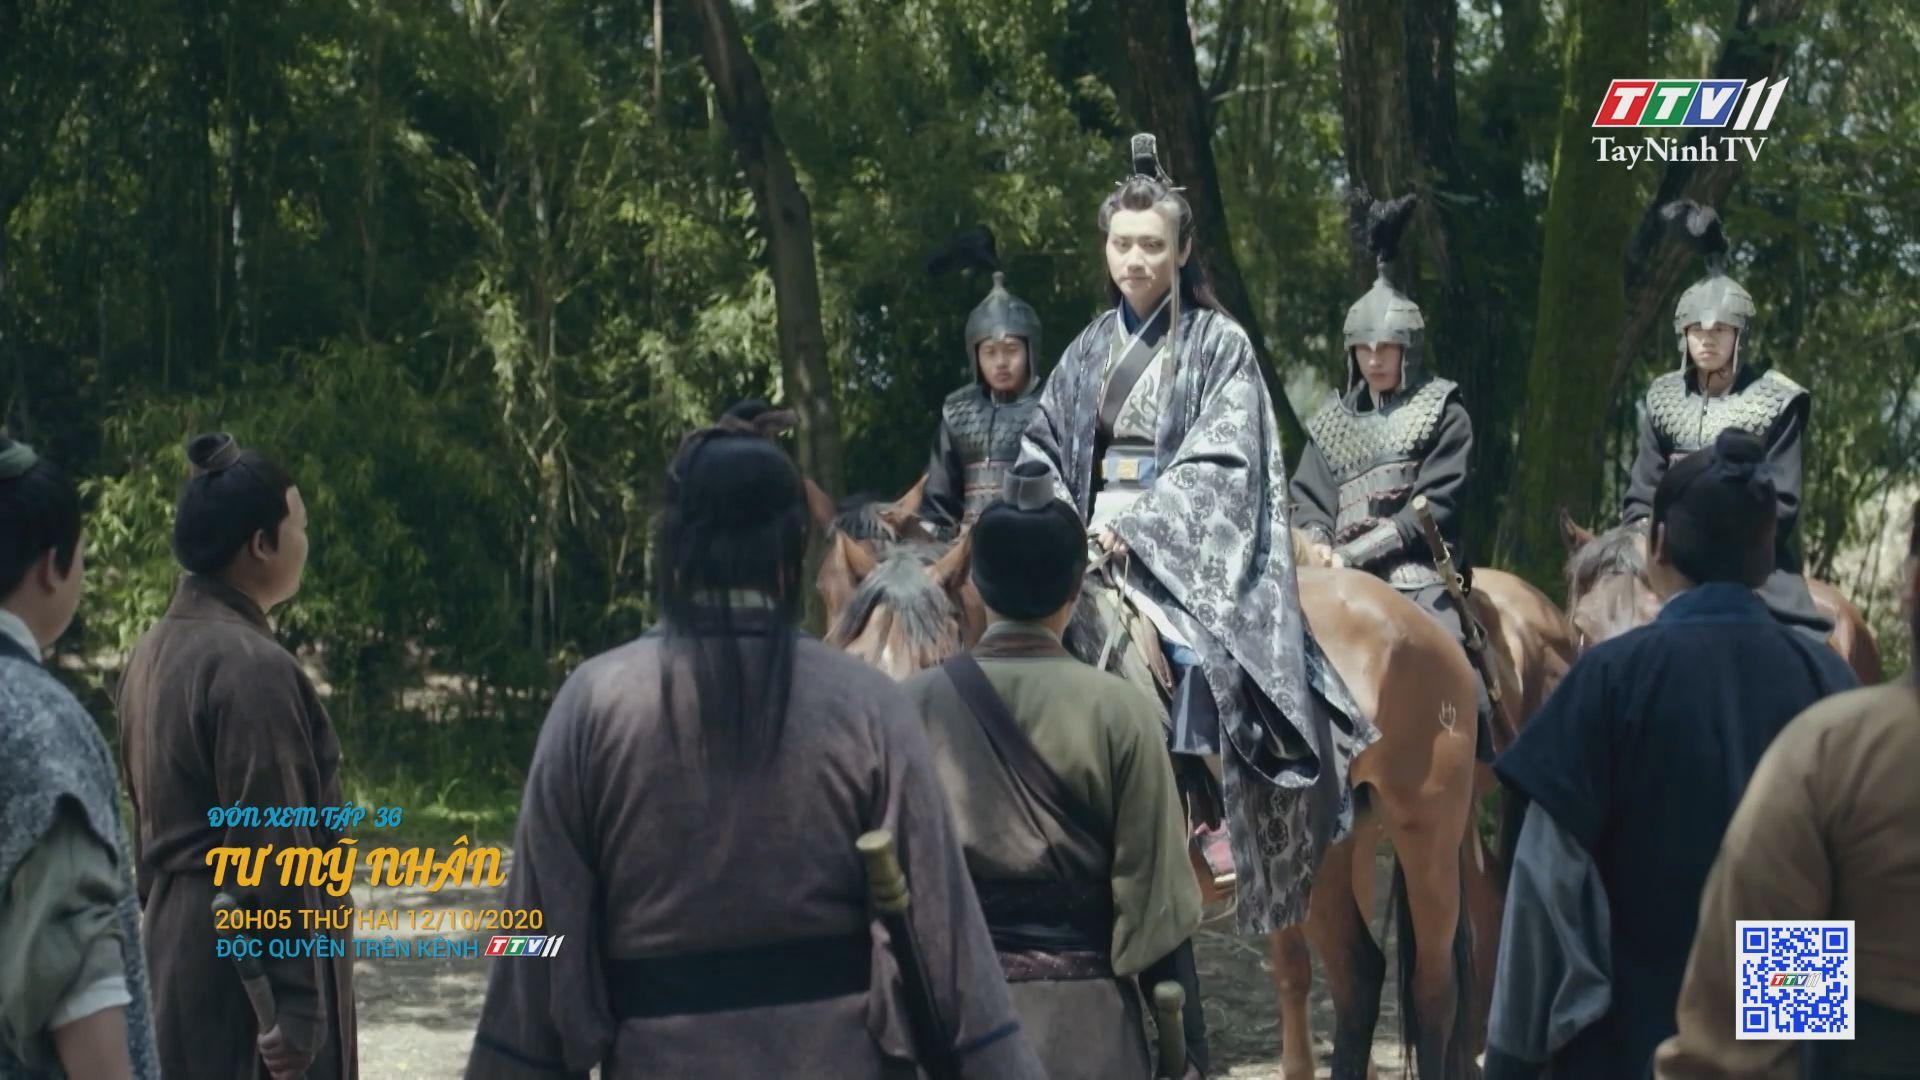 Tư mỹ nhân-TẬP 36 trailer | PHIM TƯ MỸ NHÂN | TayNinhTV